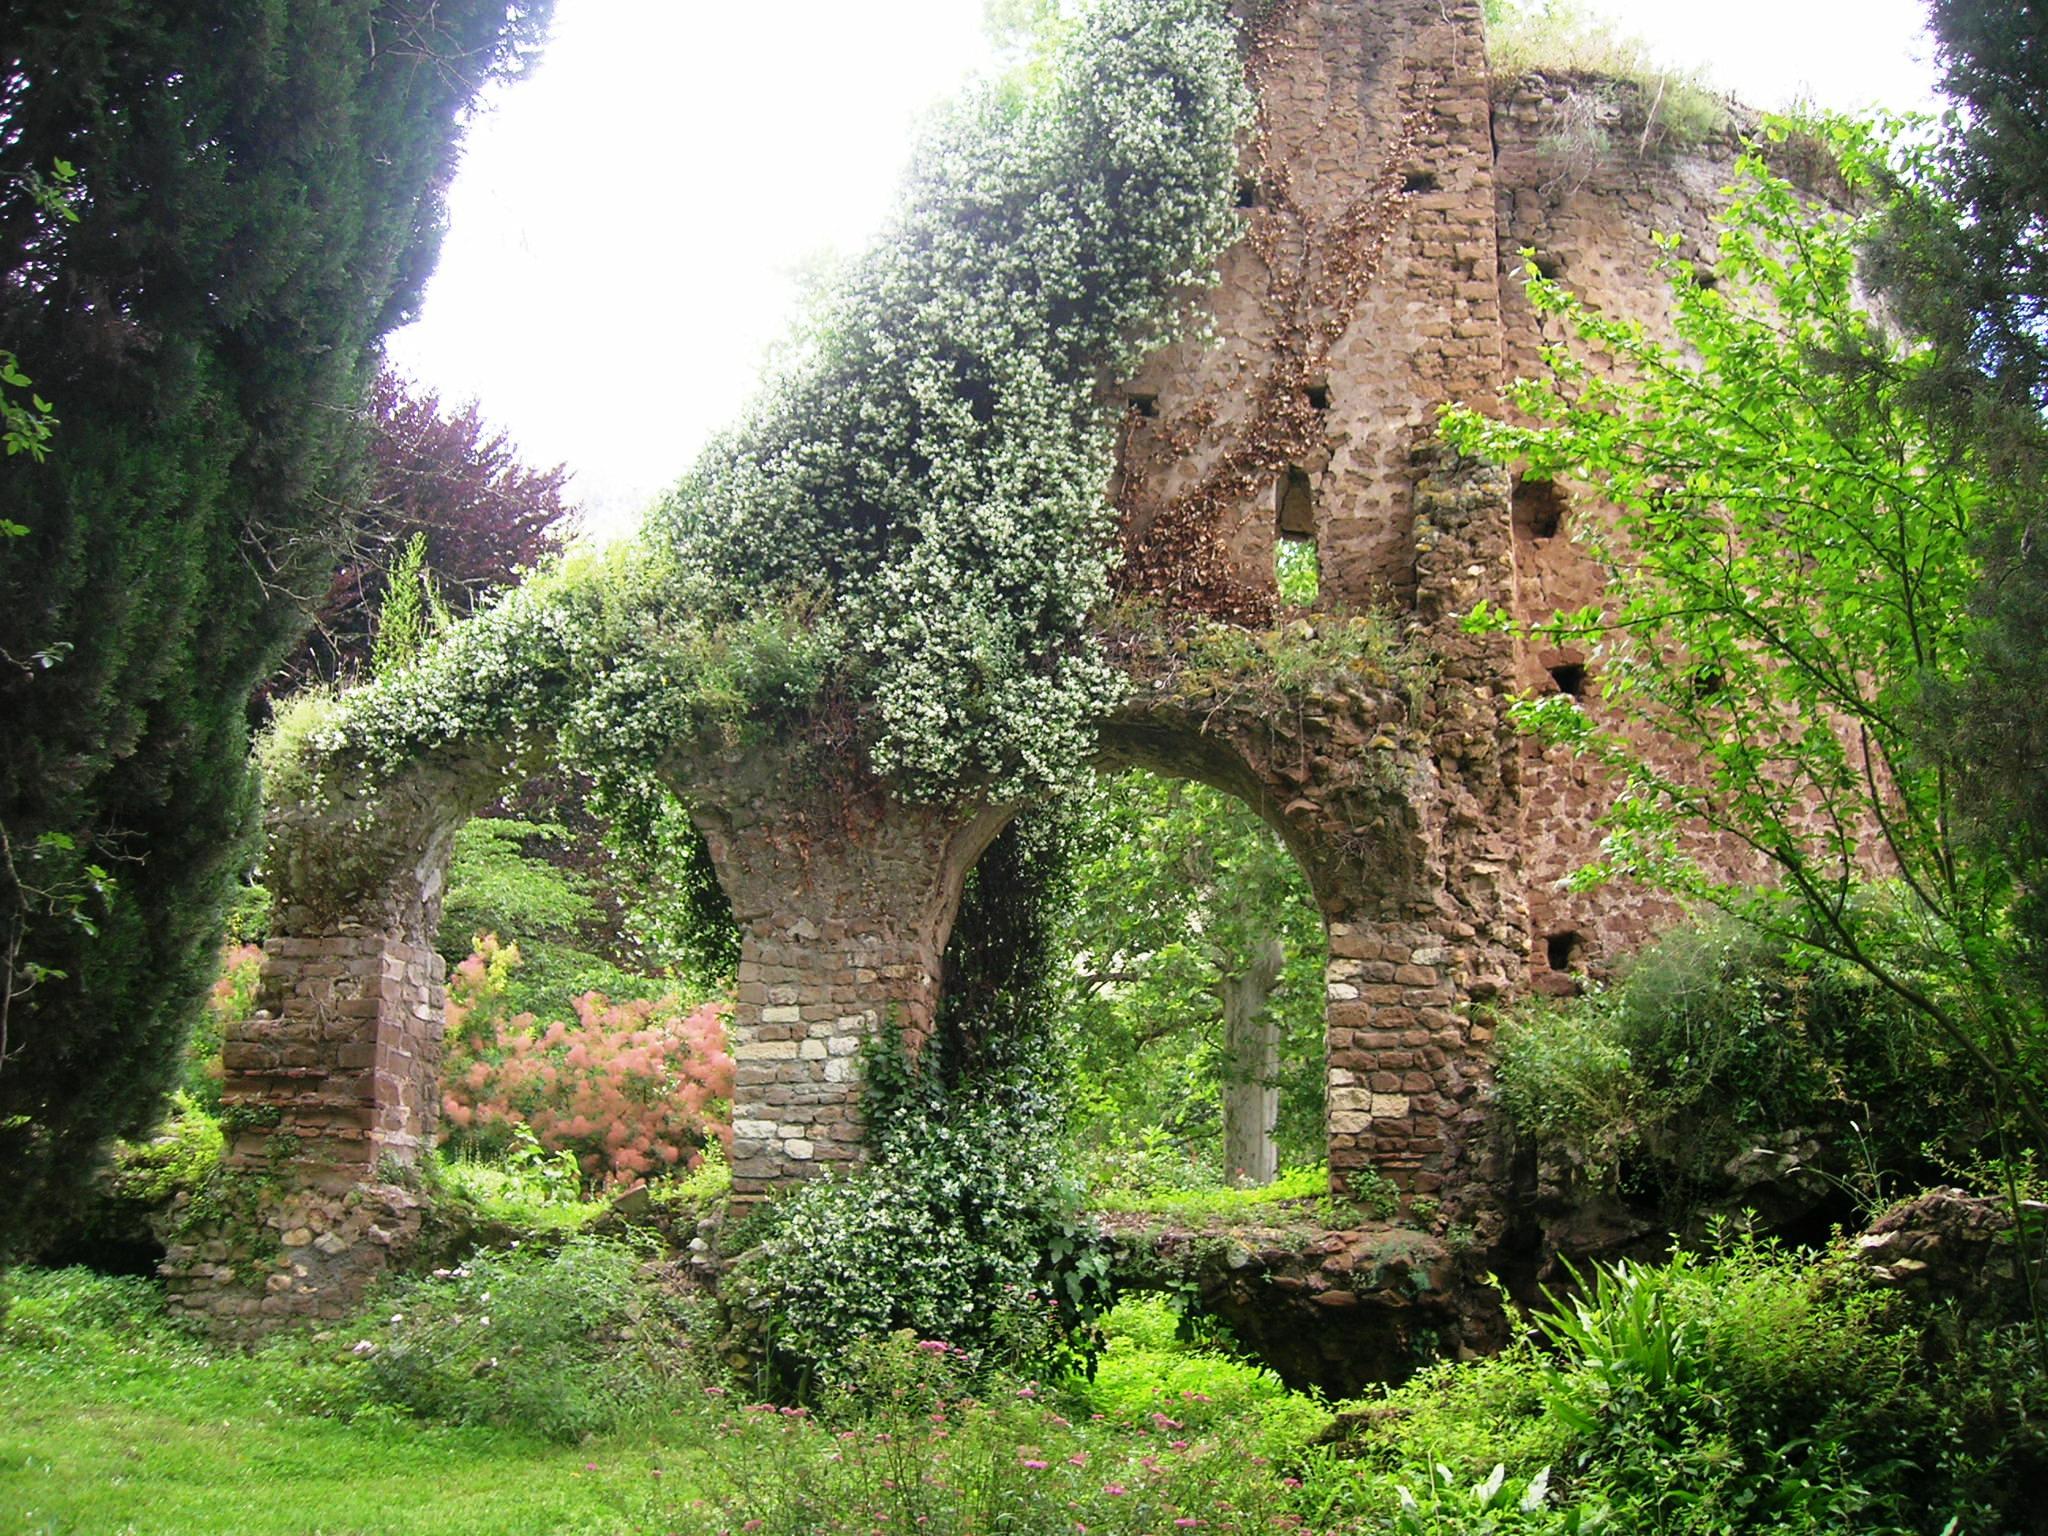 giardino-di-ninfa3